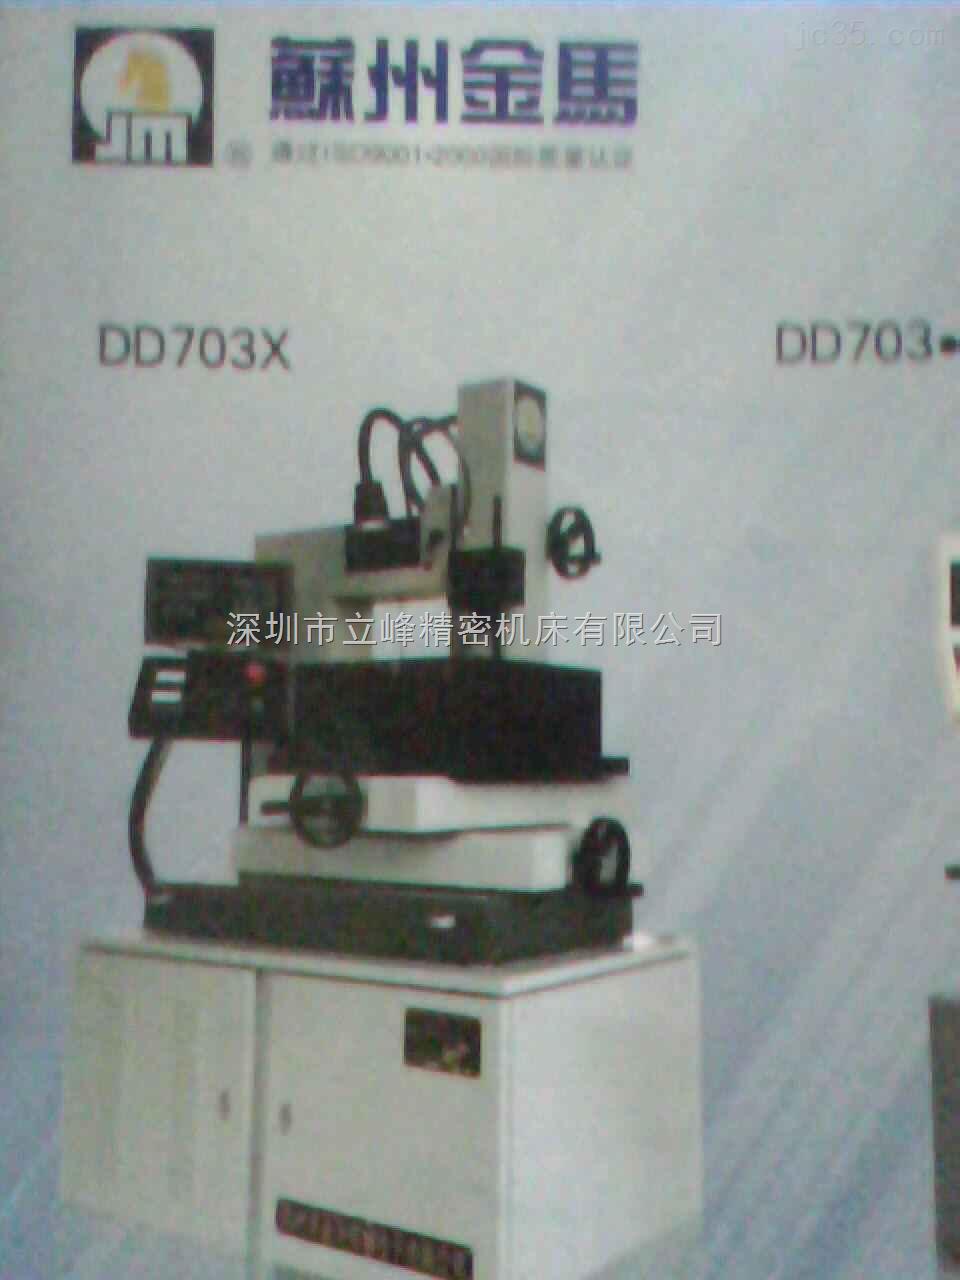 苏州金马穿孔机DD703型